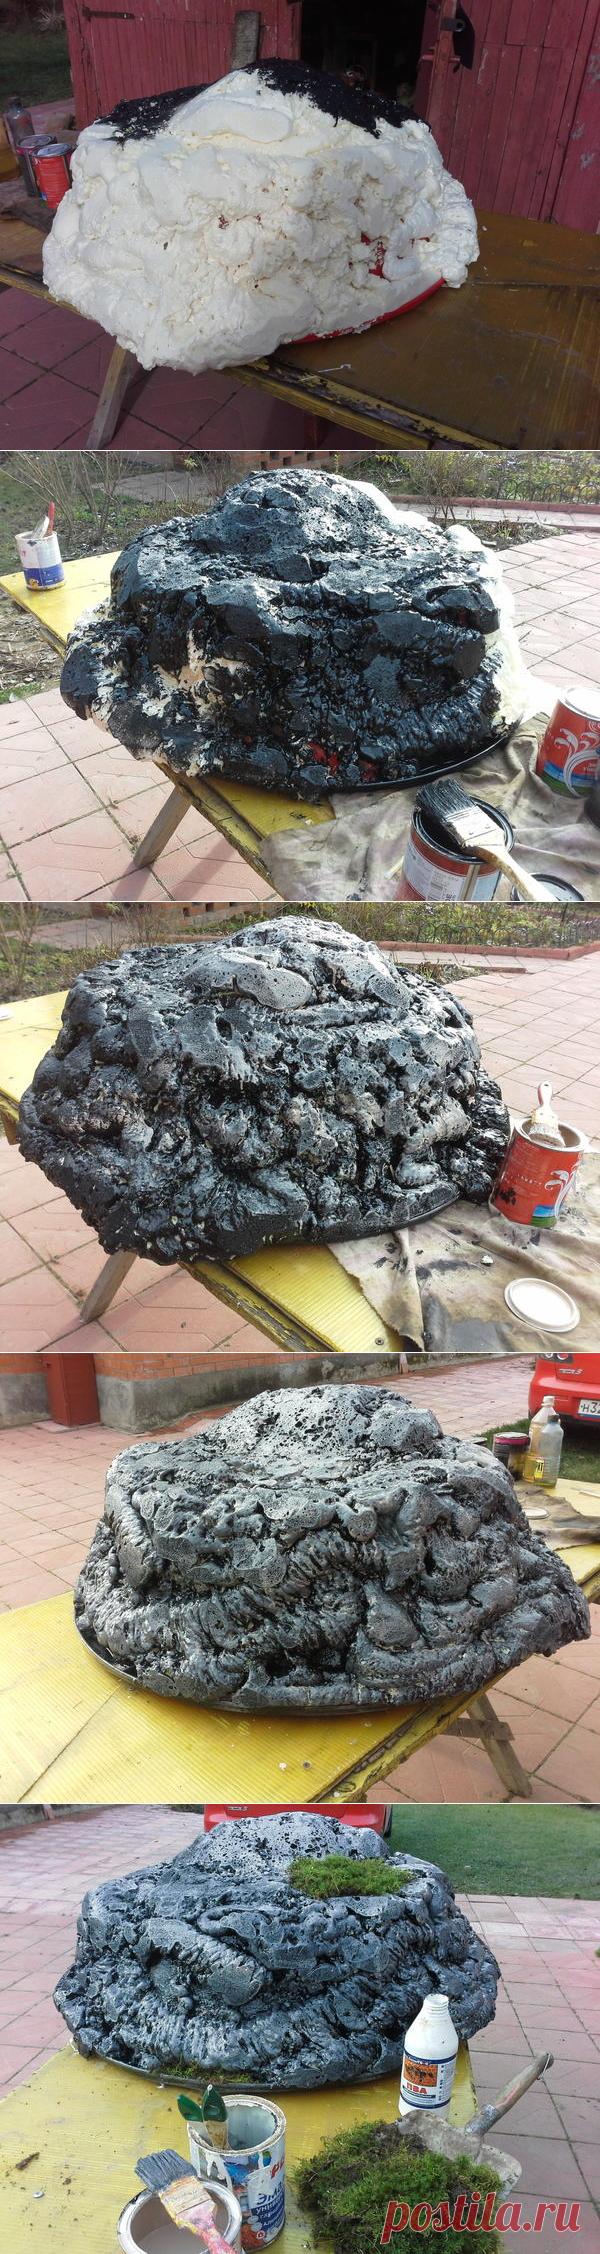 Мастер-класс: Лёгкий камень своими руками - полезное украшение для сада / камни / 7dach.ru